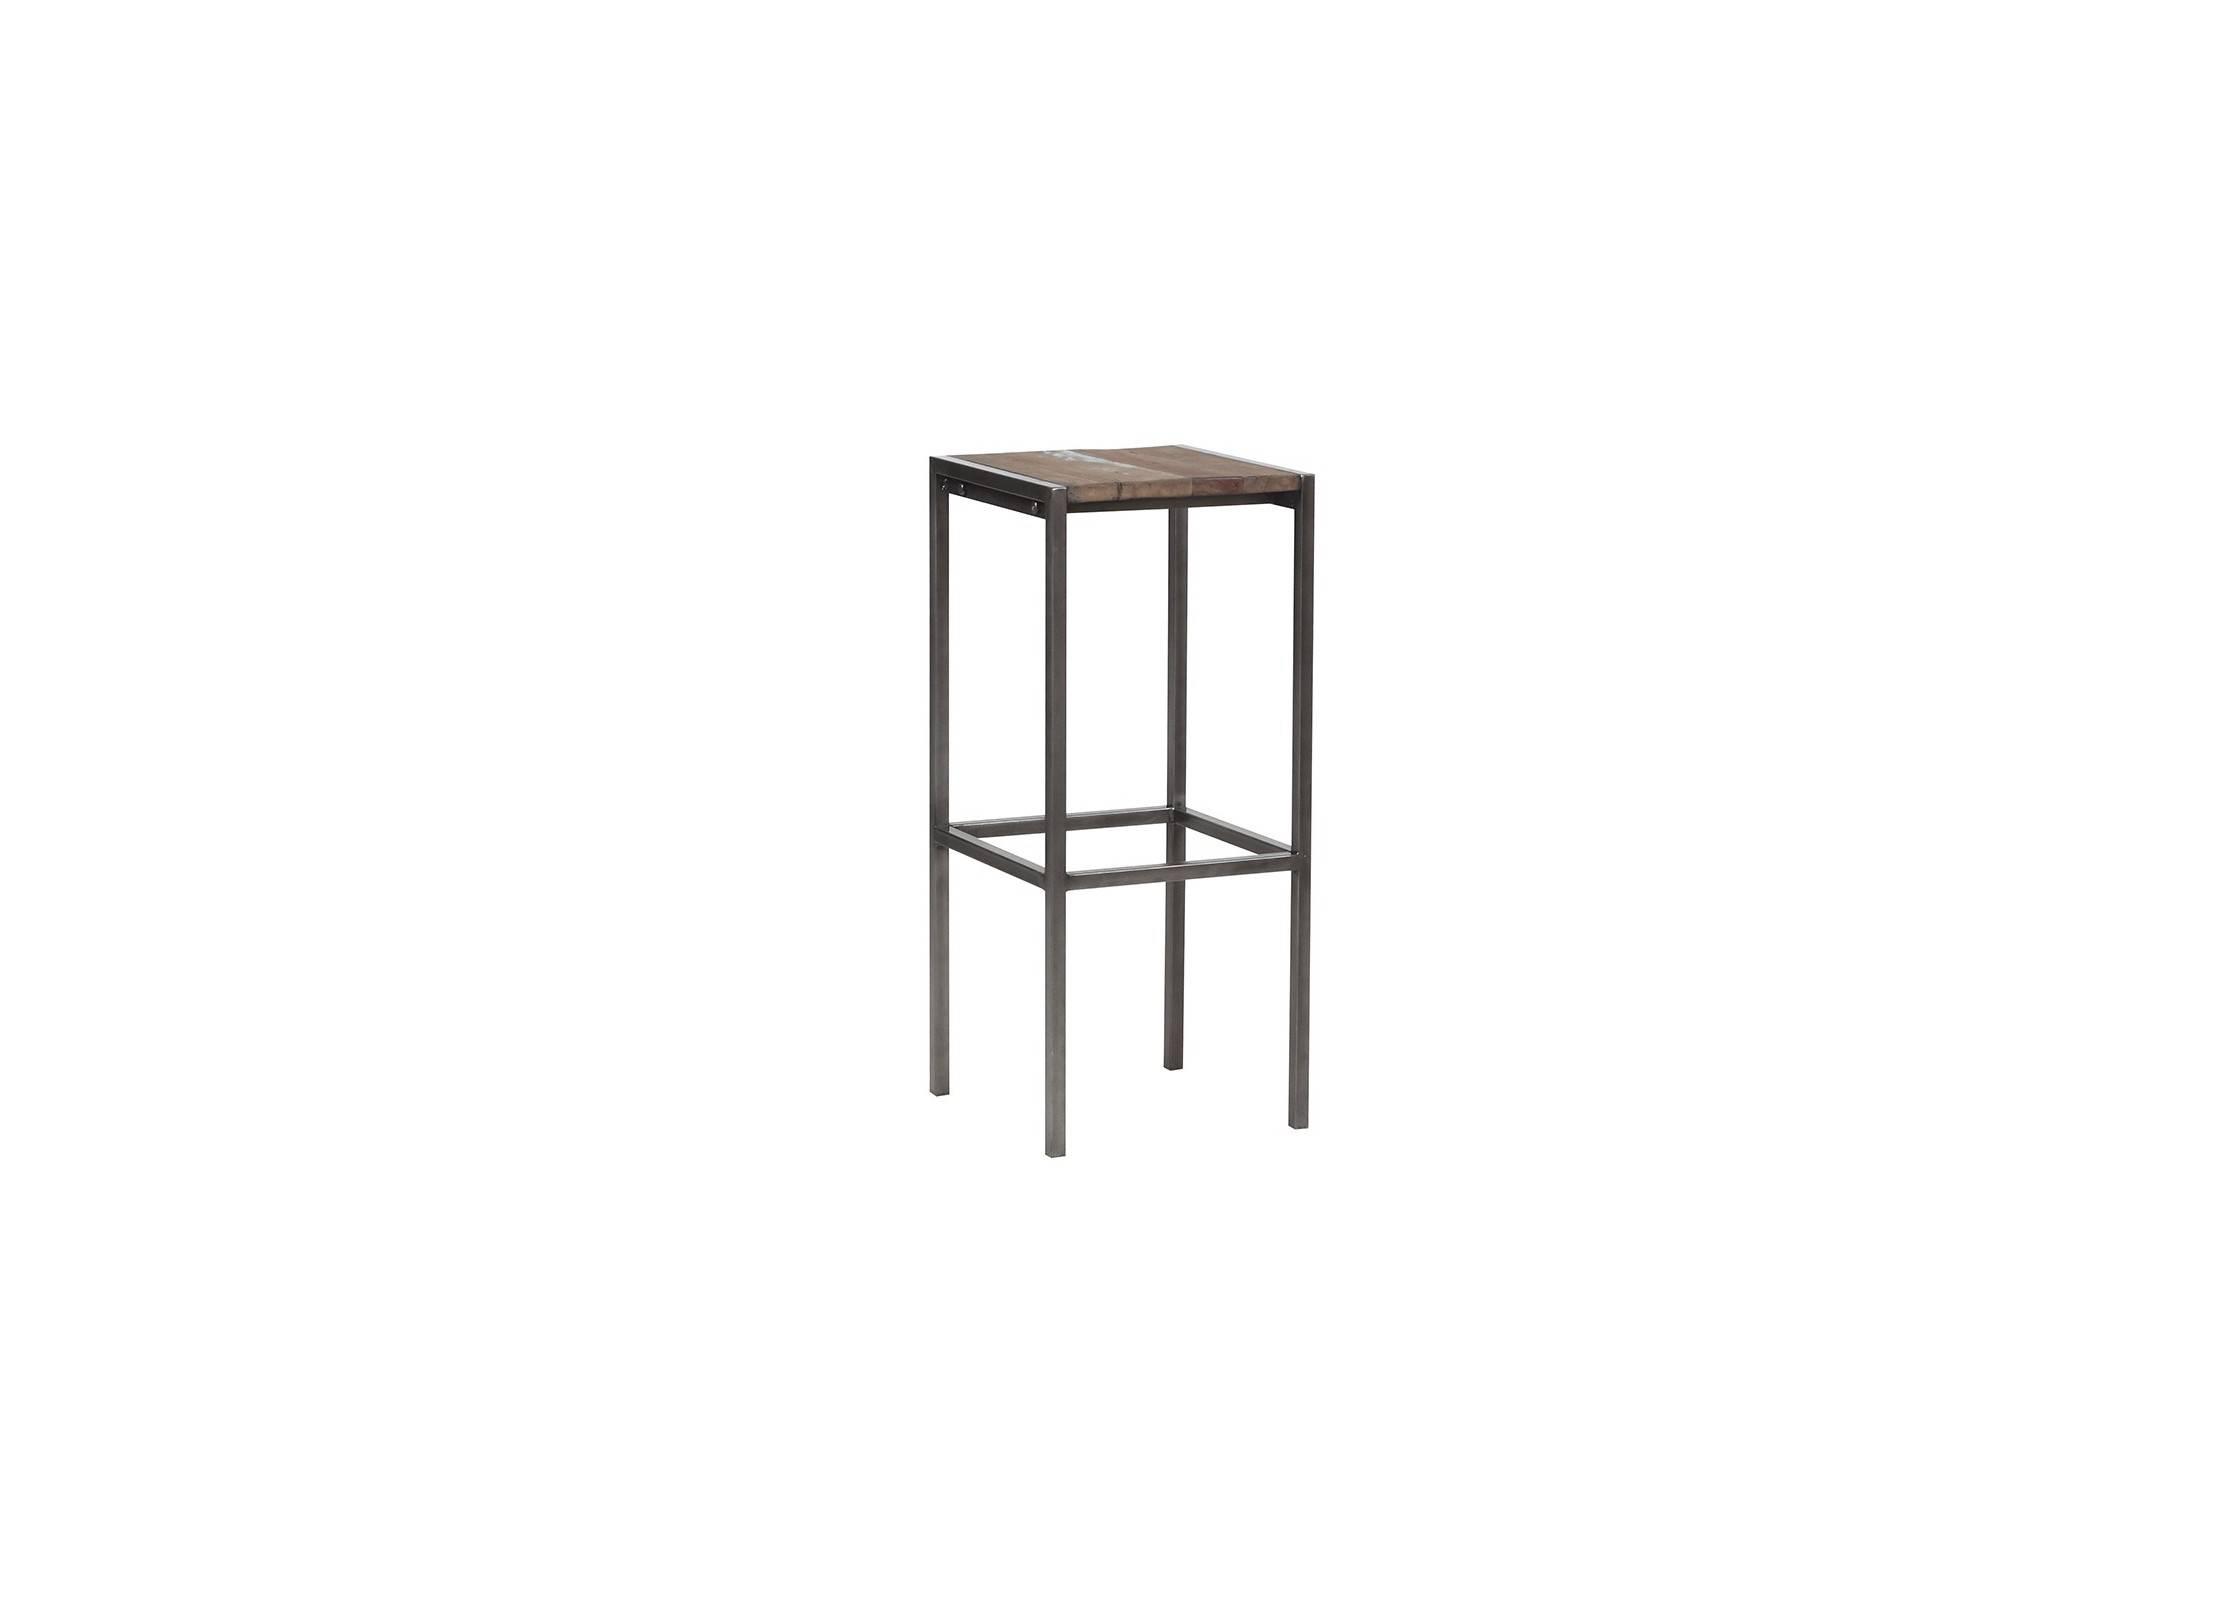 tabouret de bar industriel bois massif et structure en. Black Bedroom Furniture Sets. Home Design Ideas